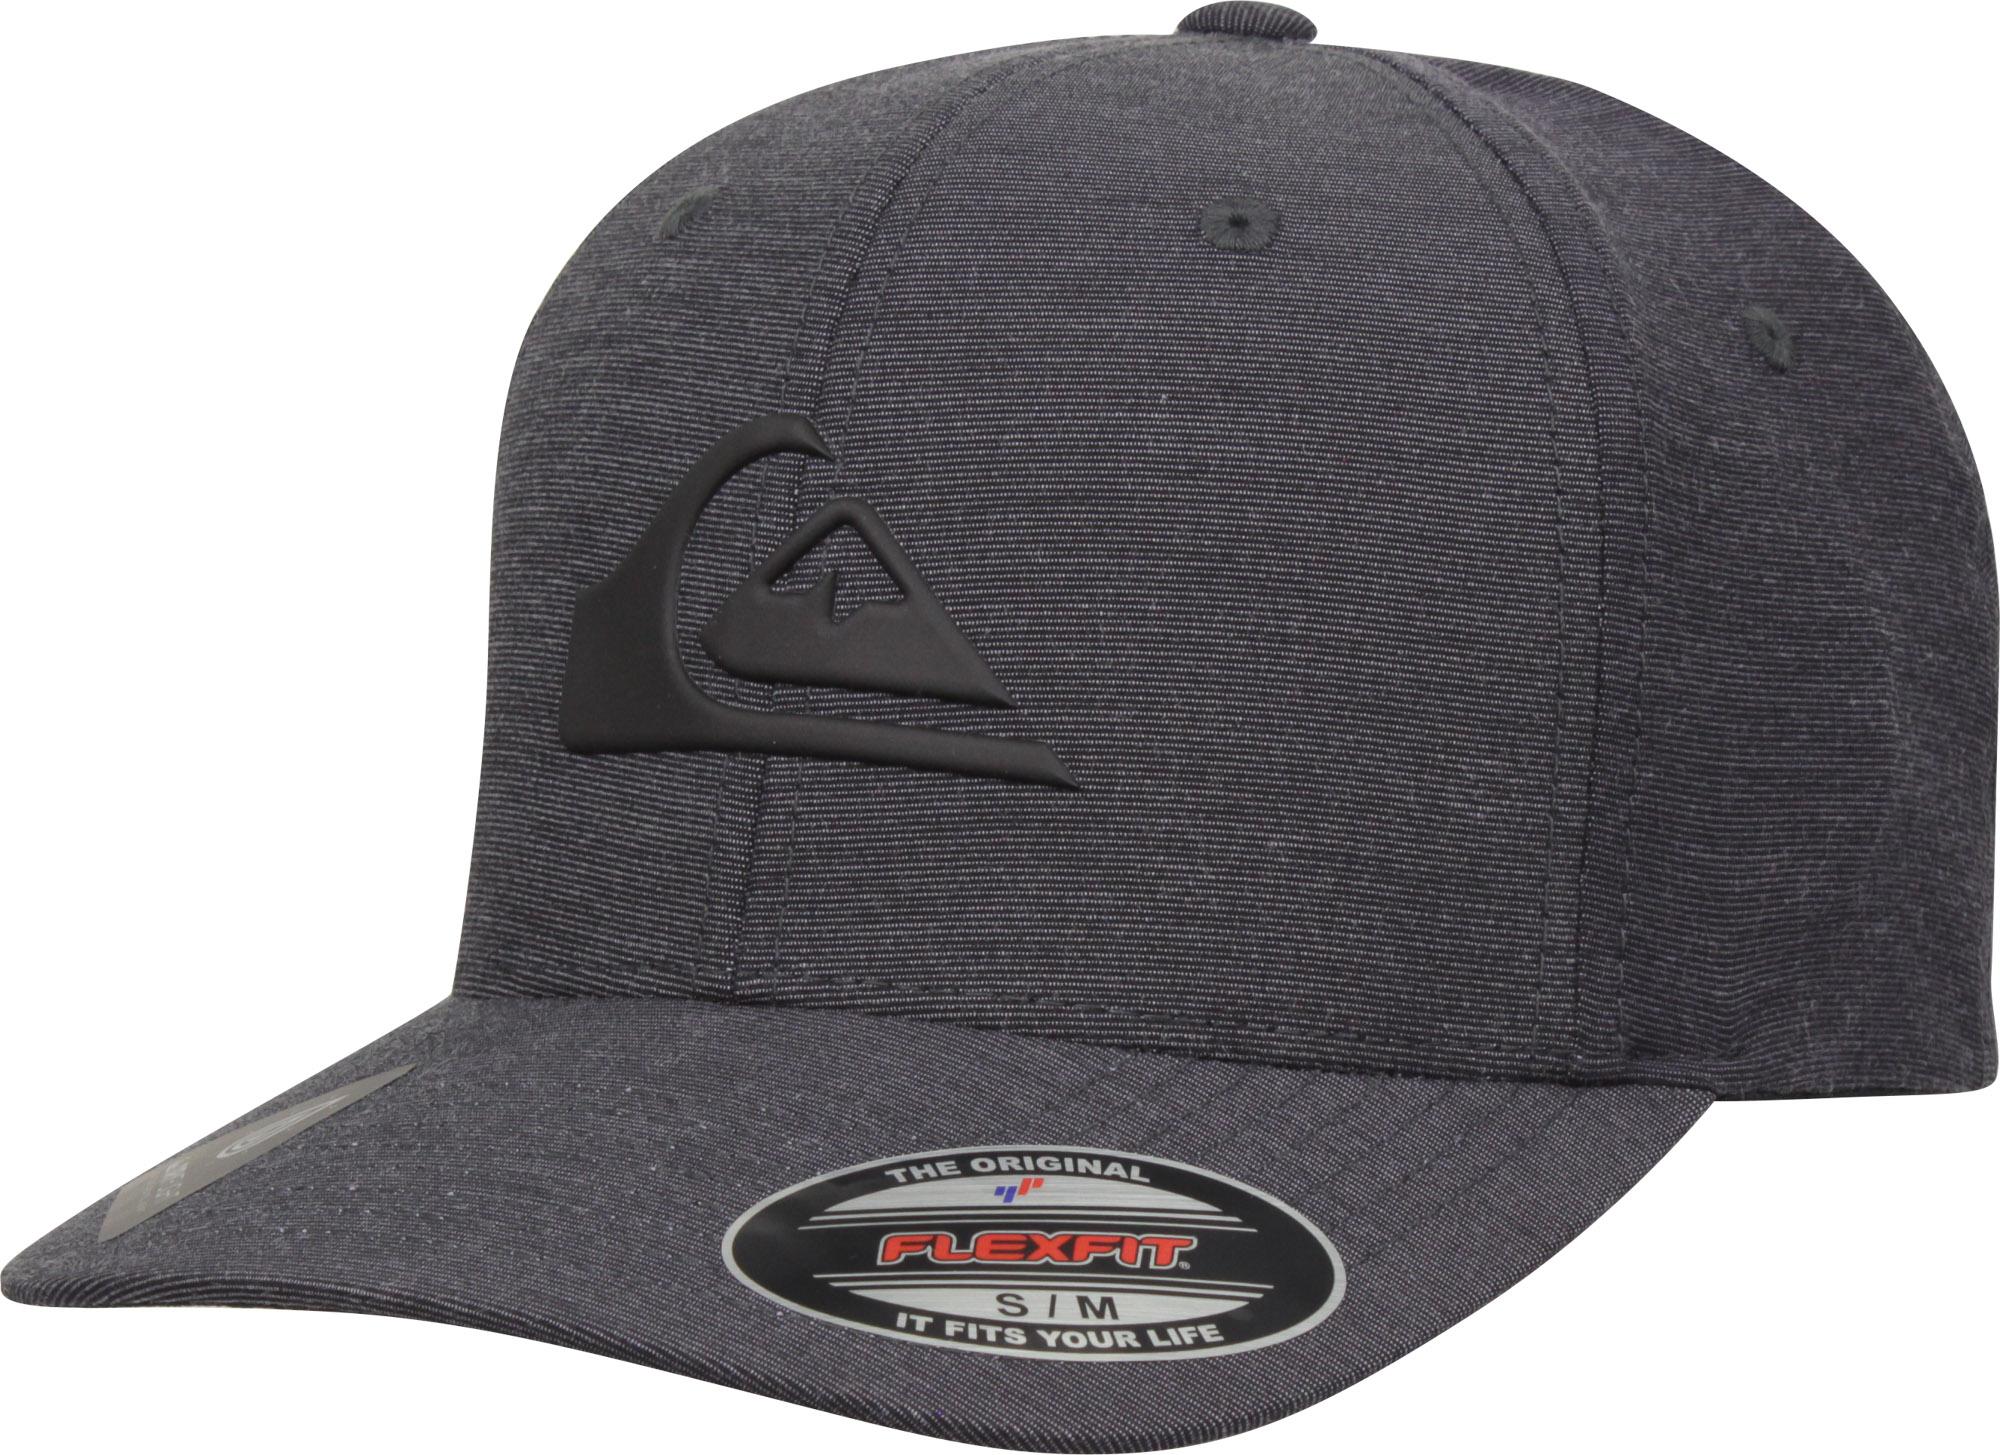 ccc88cfd2fa8d6 Details about Quiksilver Mens Dryflight Amphibian Texture Flexfit Hat -  Black